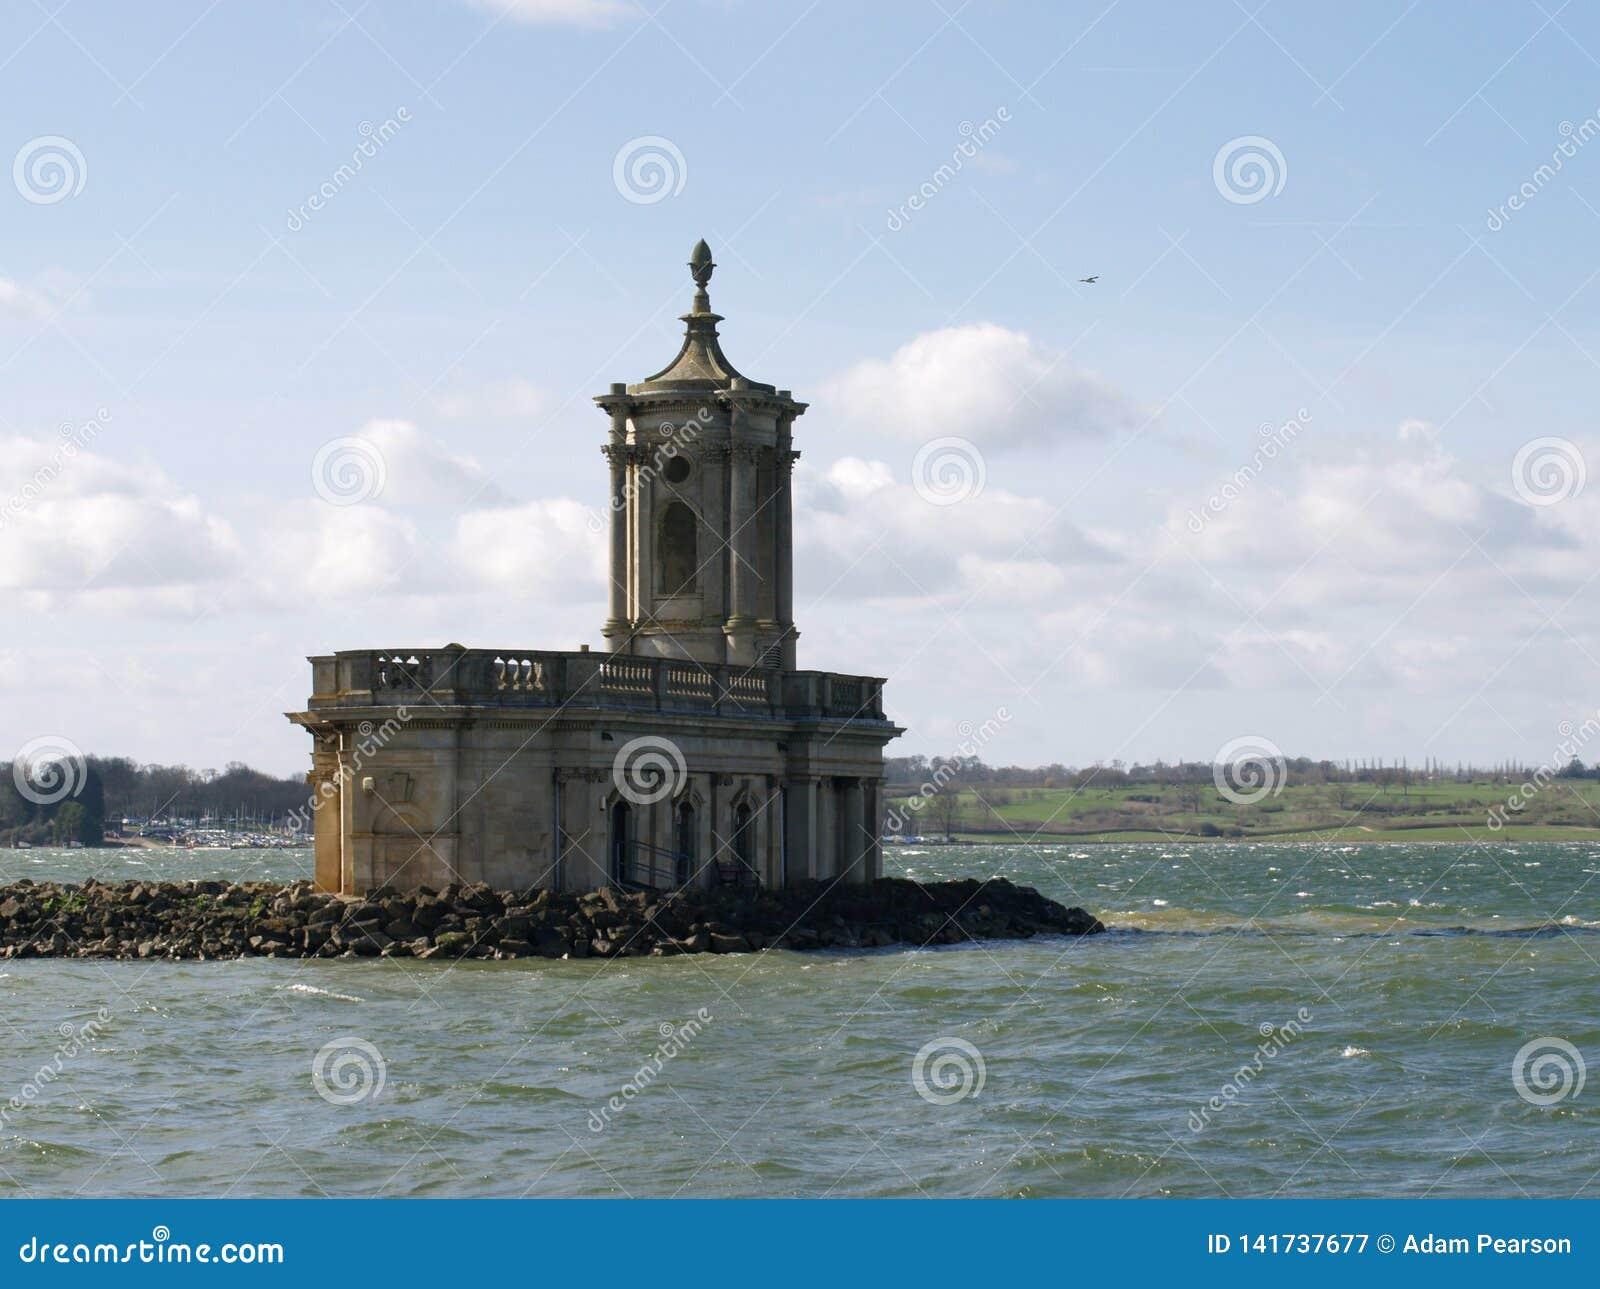 De iconische Normanton-Kerk, Rutland Water